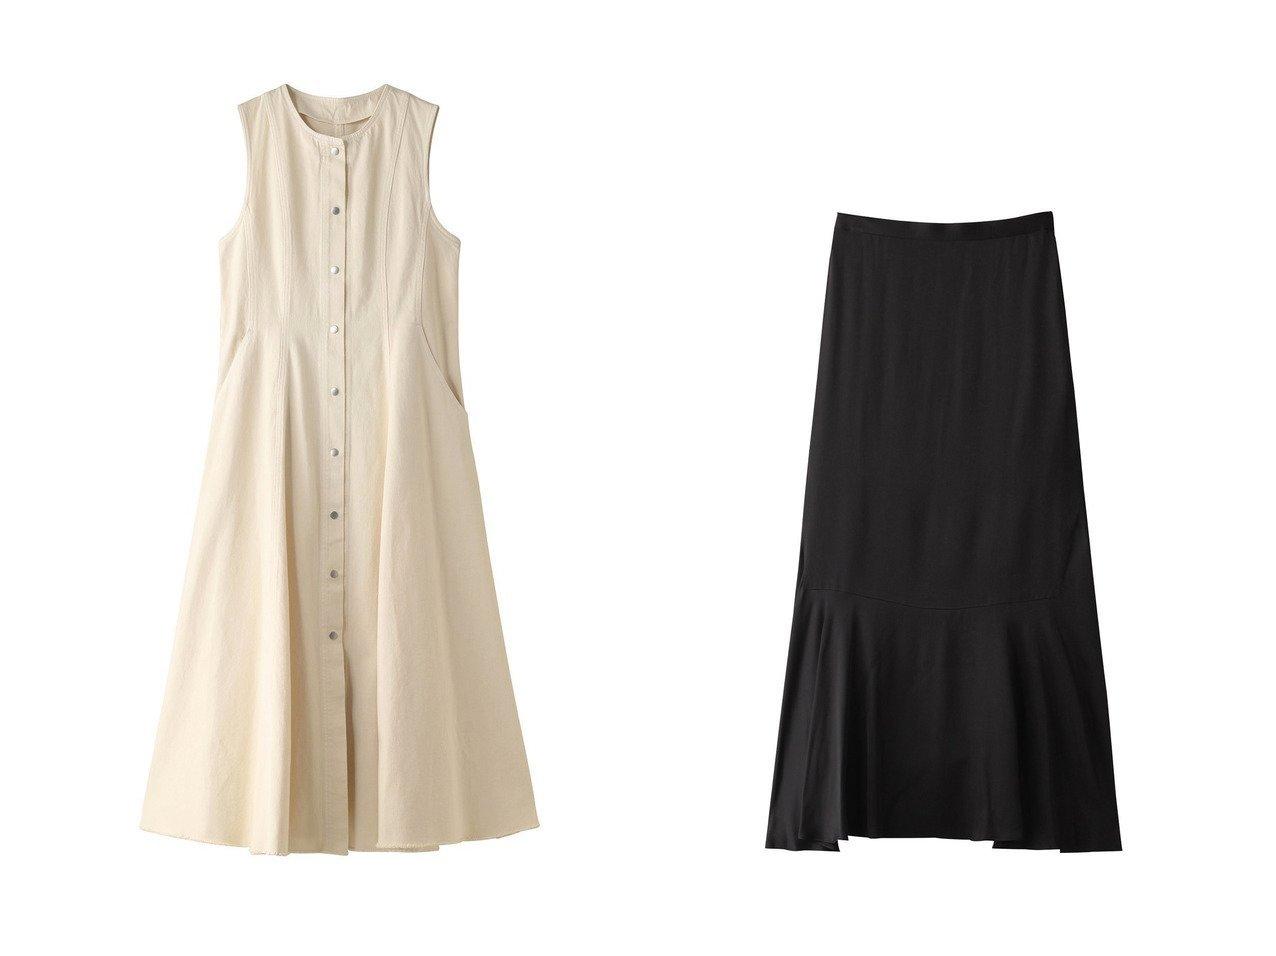 【GALLARDAGALANTE/ガリャルダガランテ】のコットンツイルジャンパースカート&【DEPAREILLE/デパリエ】の裾フレアスカート 【スカート】おすすめ!人気、トレンド・レディースファッションの通販 おすすめで人気の流行・トレンド、ファッションの通販商品 インテリア・家具・メンズファッション・キッズファッション・レディースファッション・服の通販 founy(ファニー) https://founy.com/ ファッション Fashion レディースファッション WOMEN スカート Skirt Aライン/フレアスカート Flared A-Line Skirts ロングスカート Long Skirt カットソー シェイプ チュニック フィット フレア ロング |ID:crp329100000071366